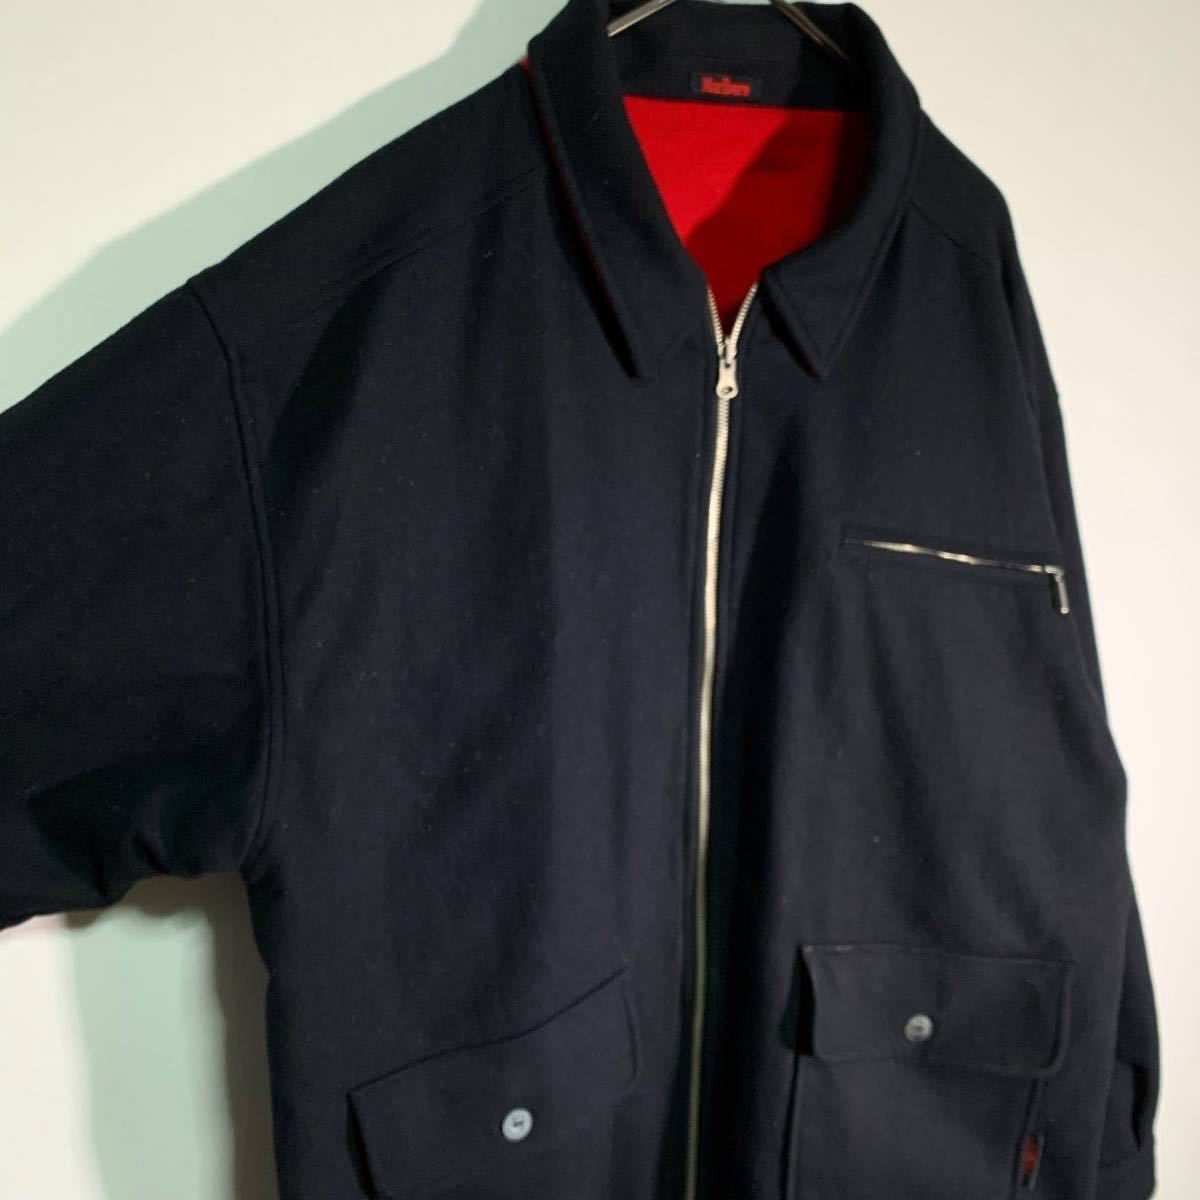 【送料込】90s Marlboro リバーシブル ウール ジャケット XL 黒×赤 ビッグシルエット ジップ マルボロ 80s ビンテージ 古着 オールド_画像2